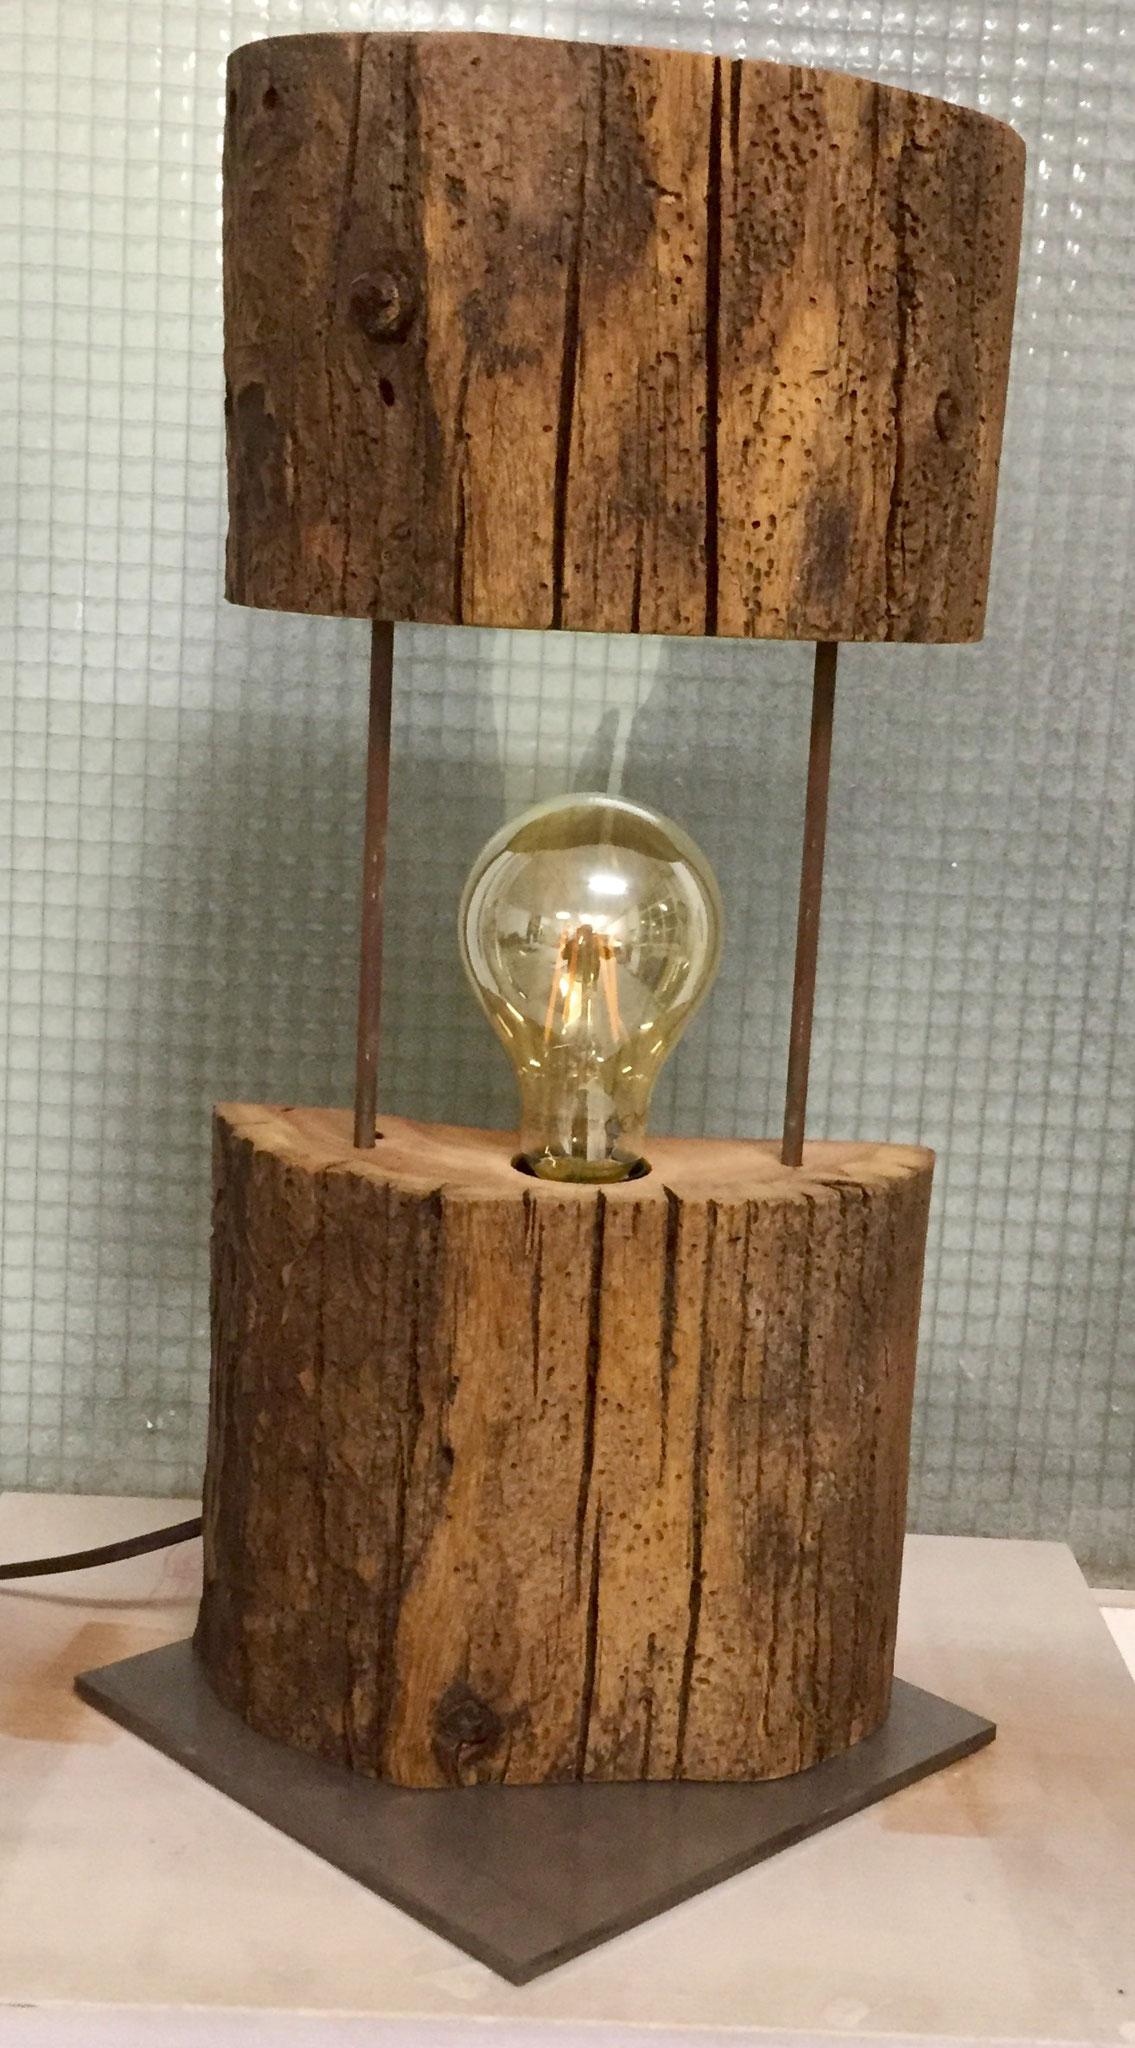 Lampe aus Altholz